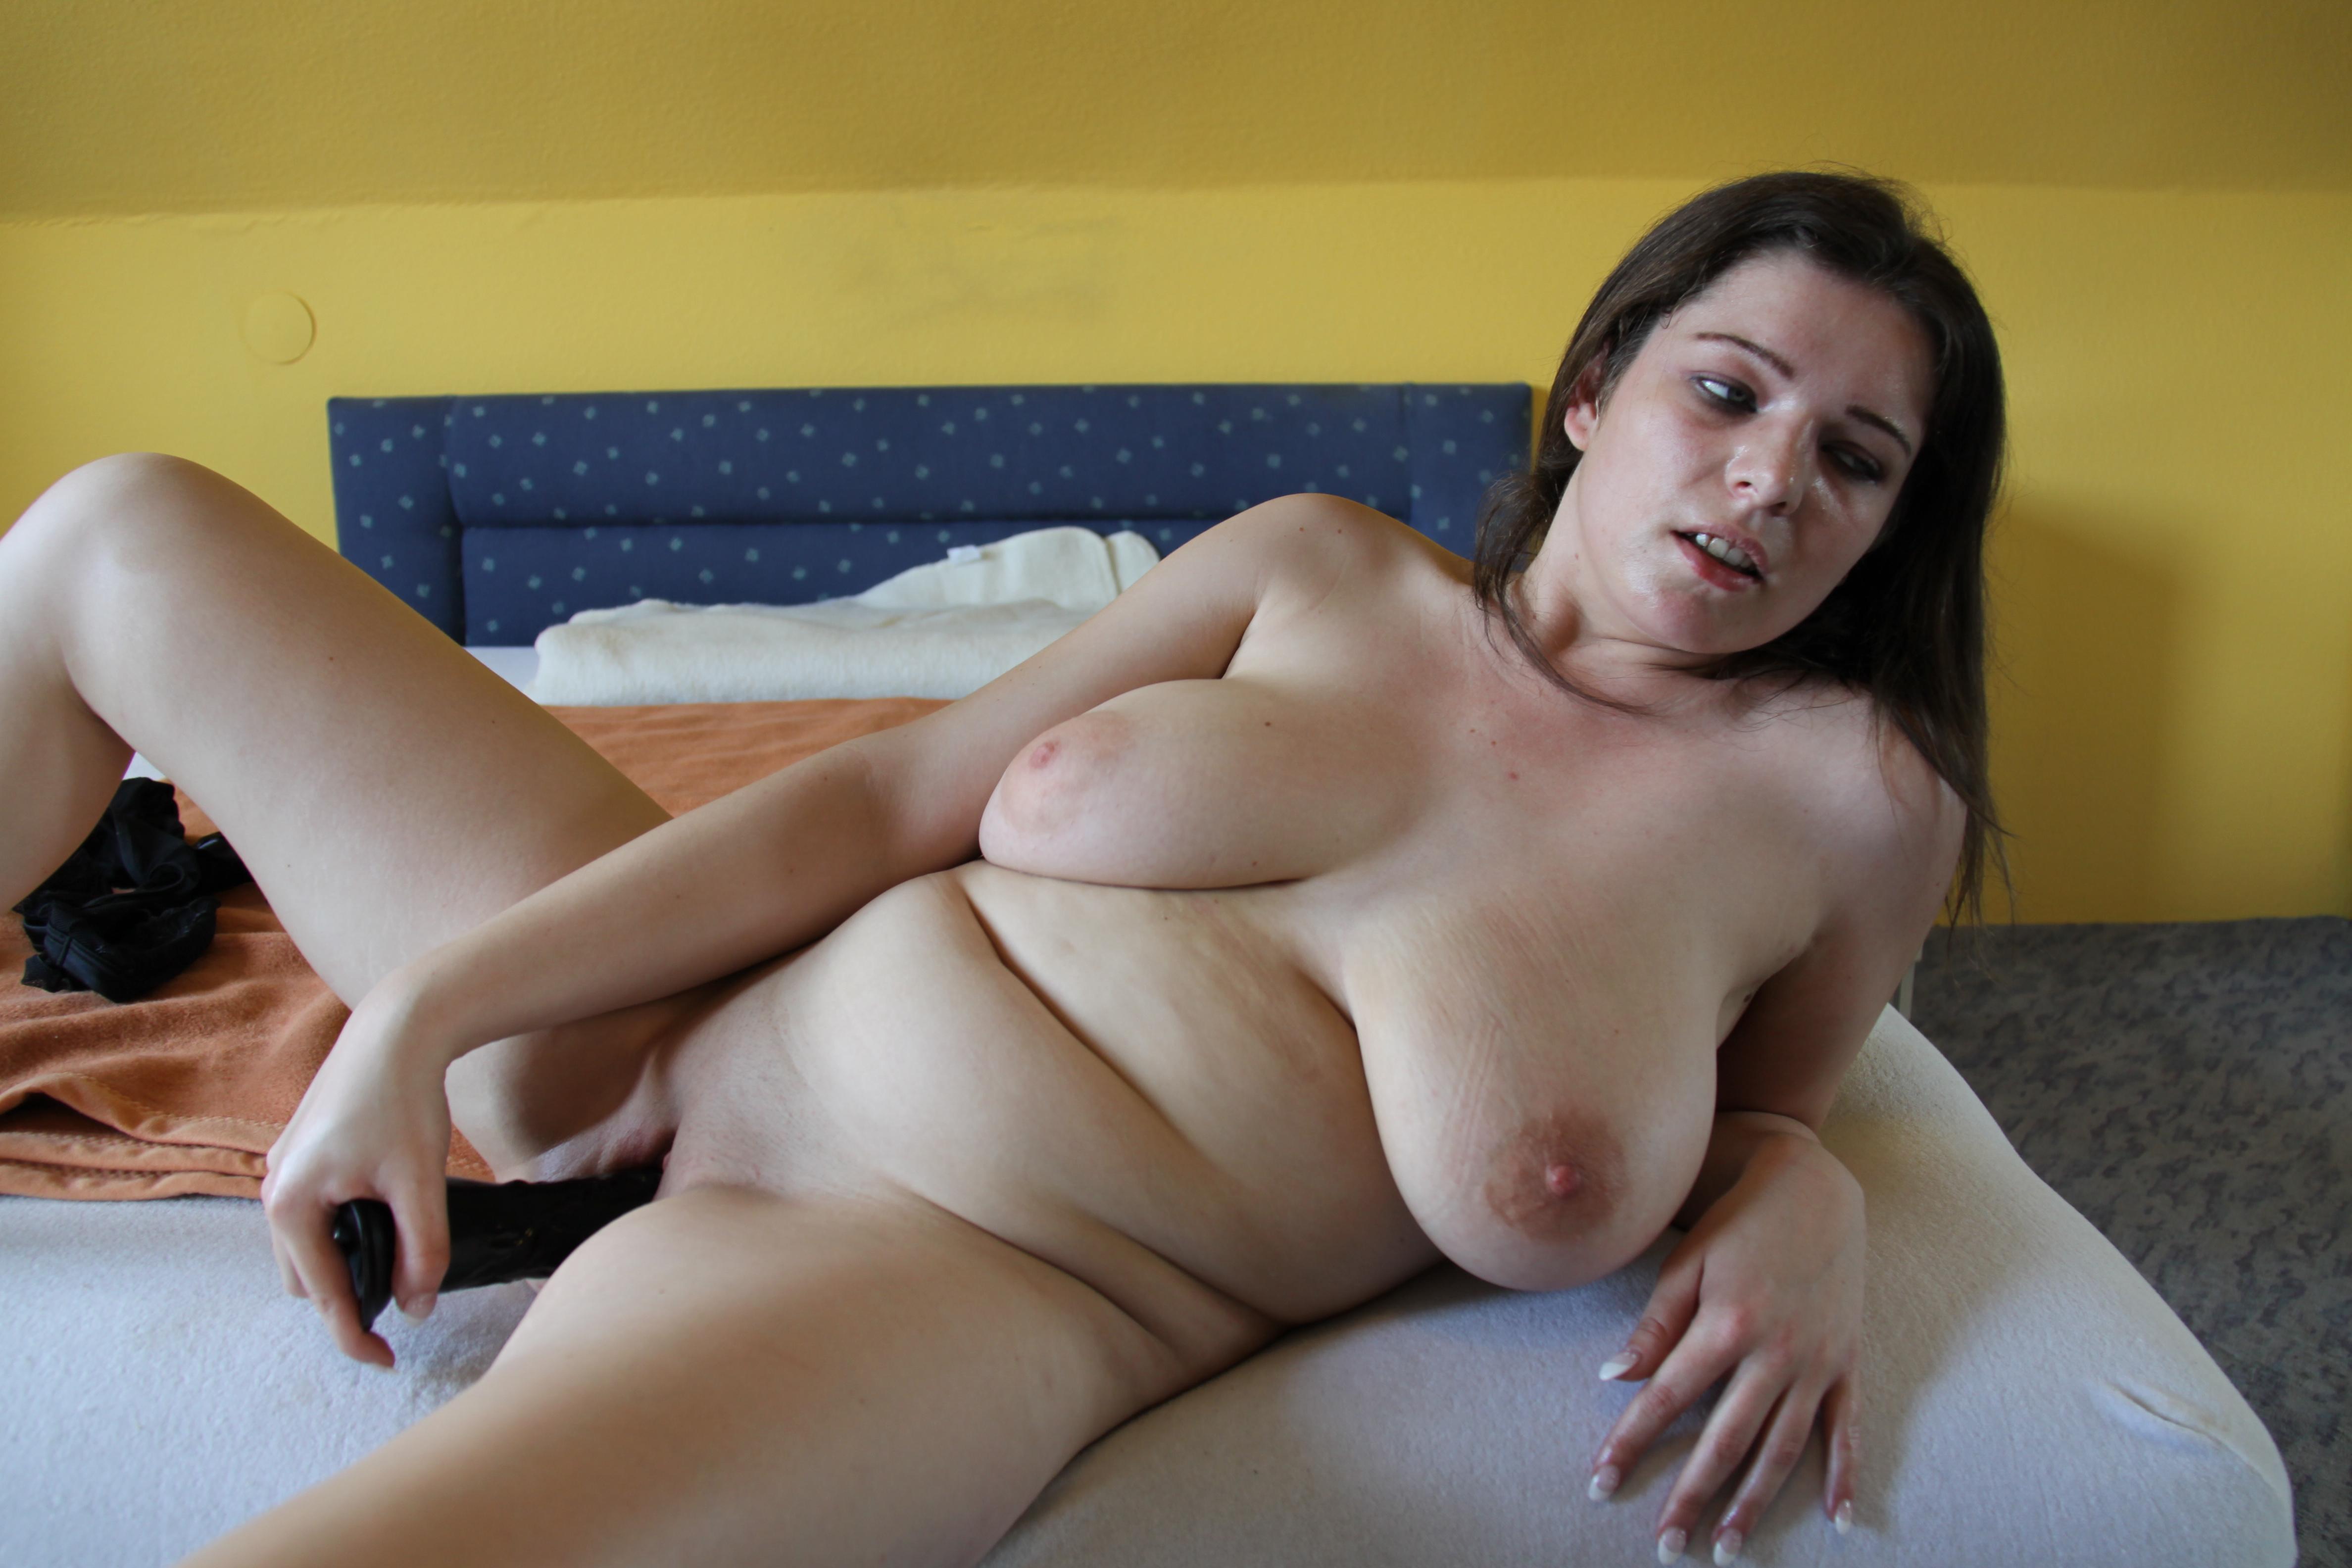 Sexy women photos orgasm